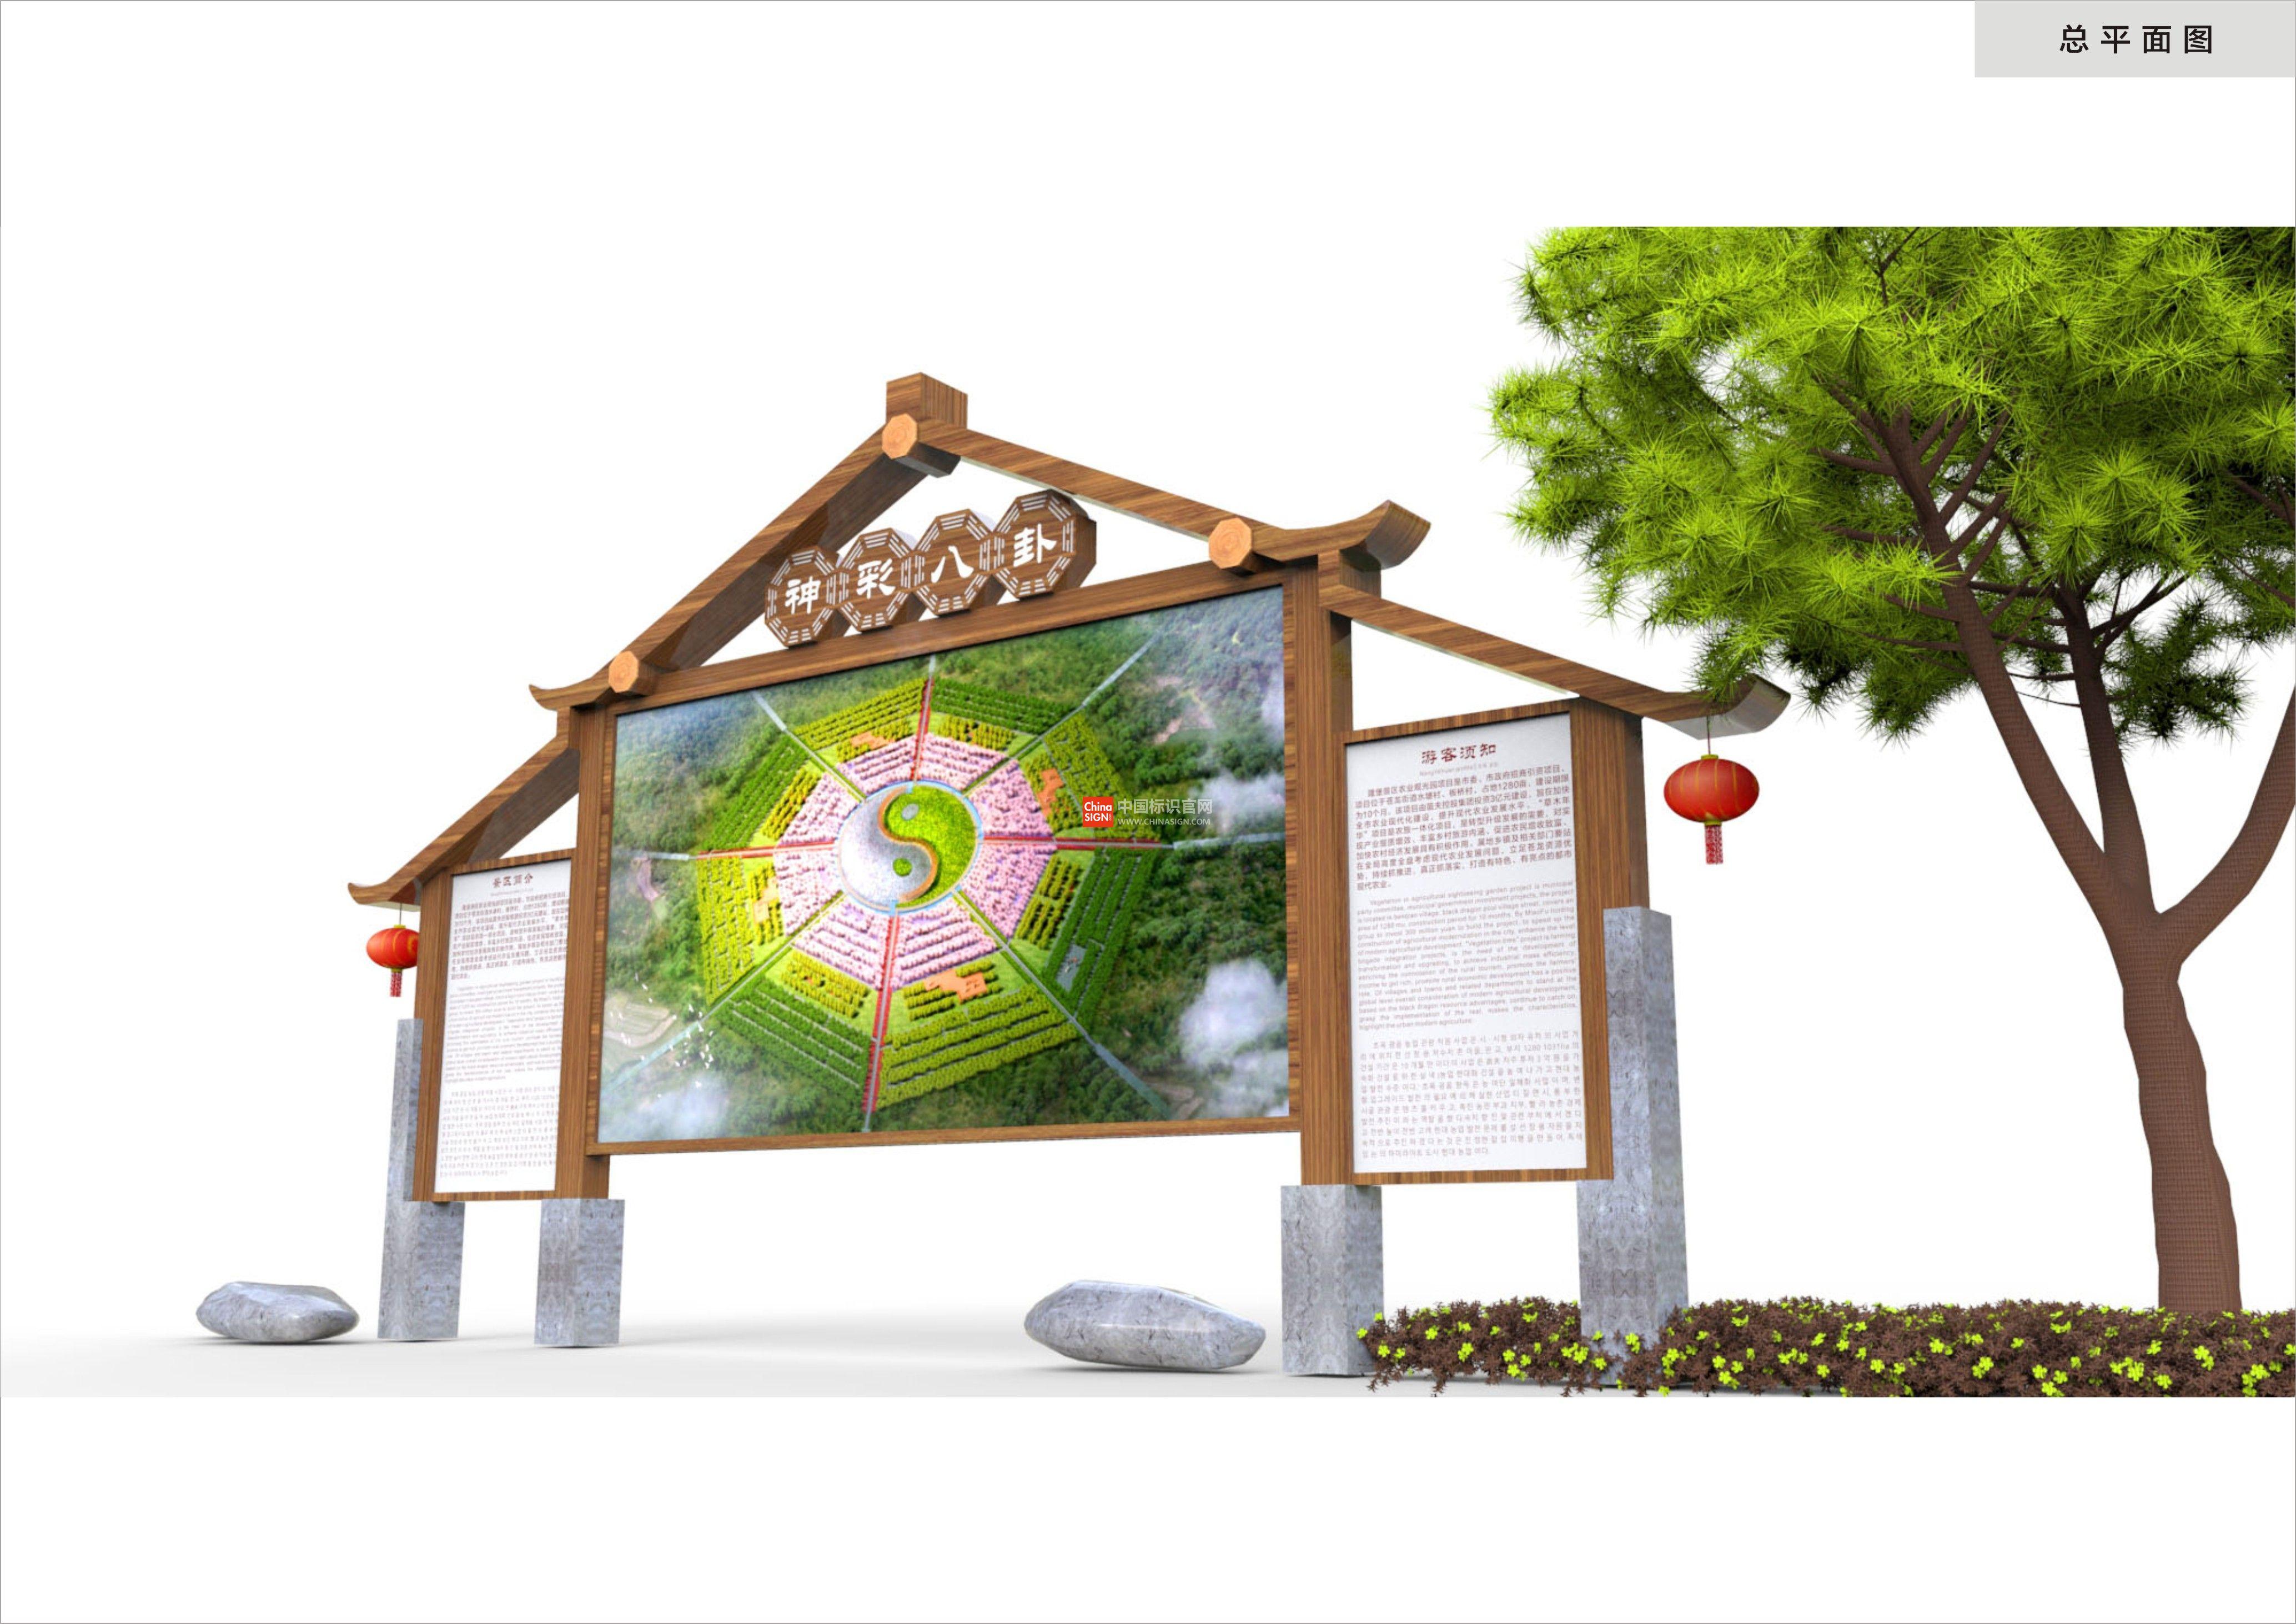 神彩八卦景区导视系统设计方案